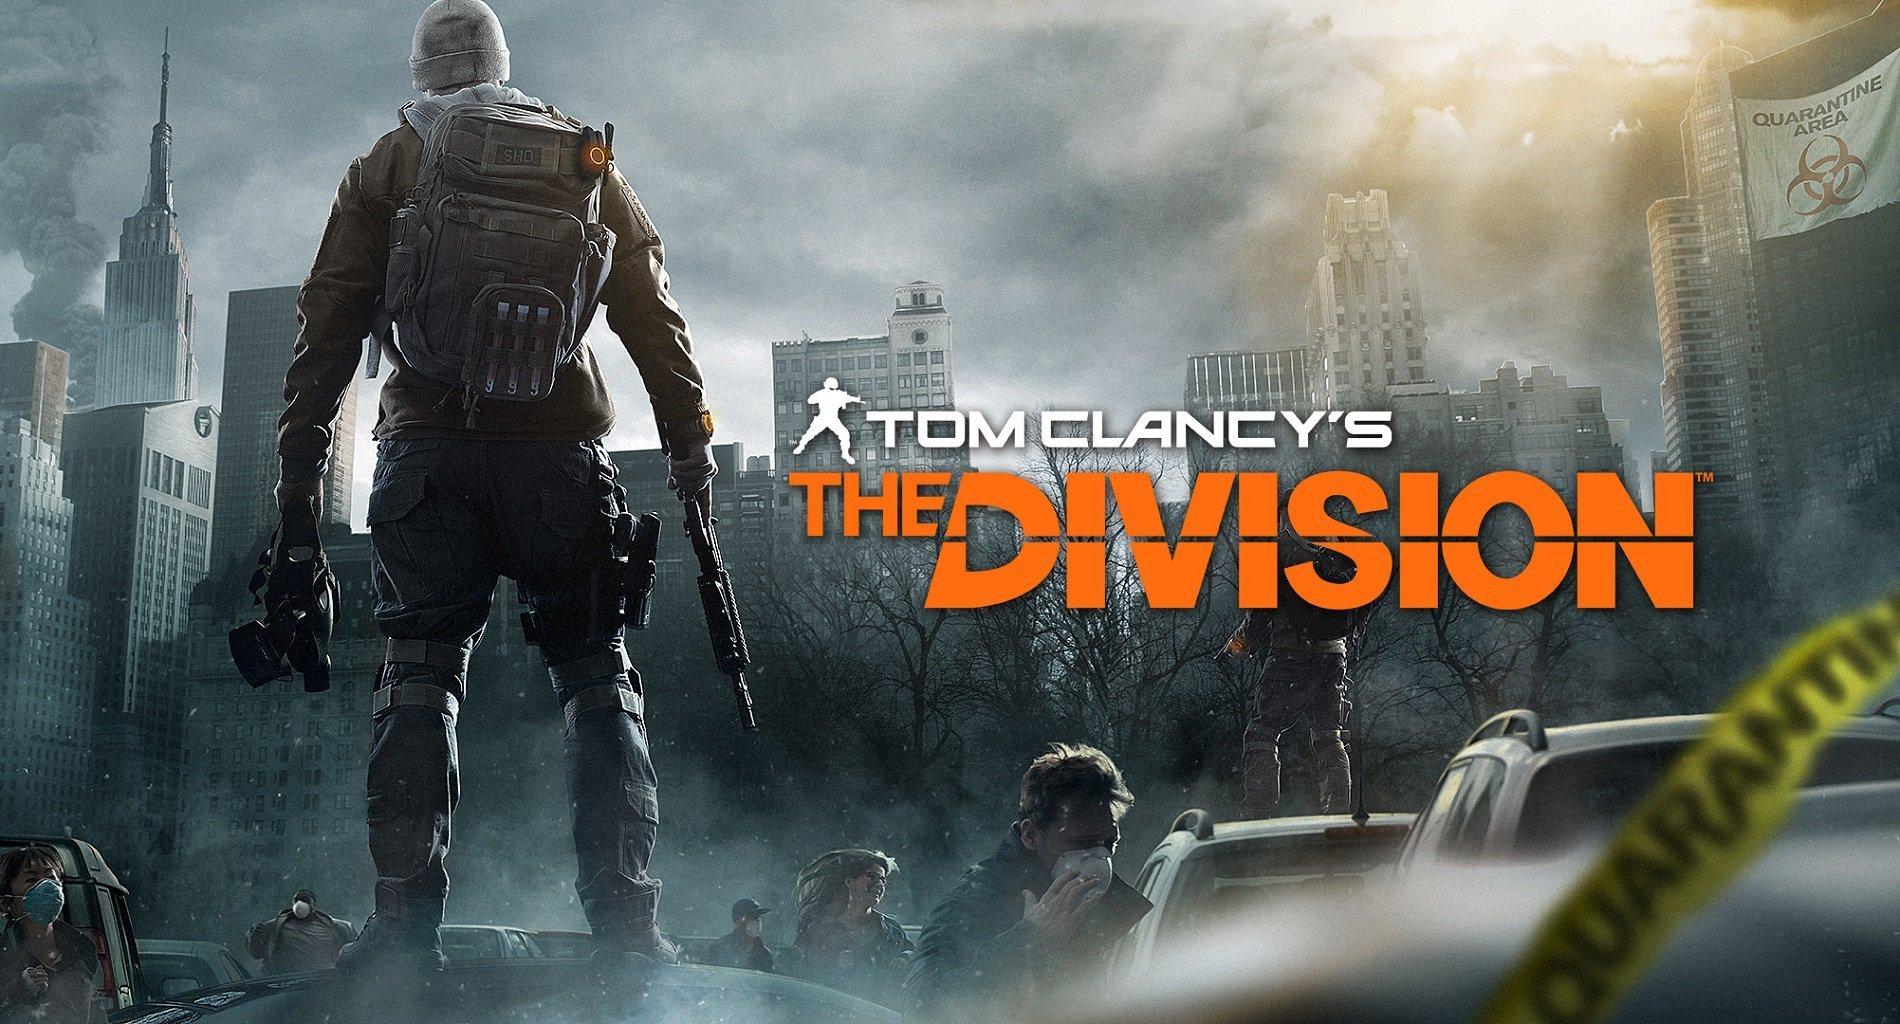 เกม The Division ภาคต่อไปของ Ubisoft จะเปิดให้เล่นฟรี